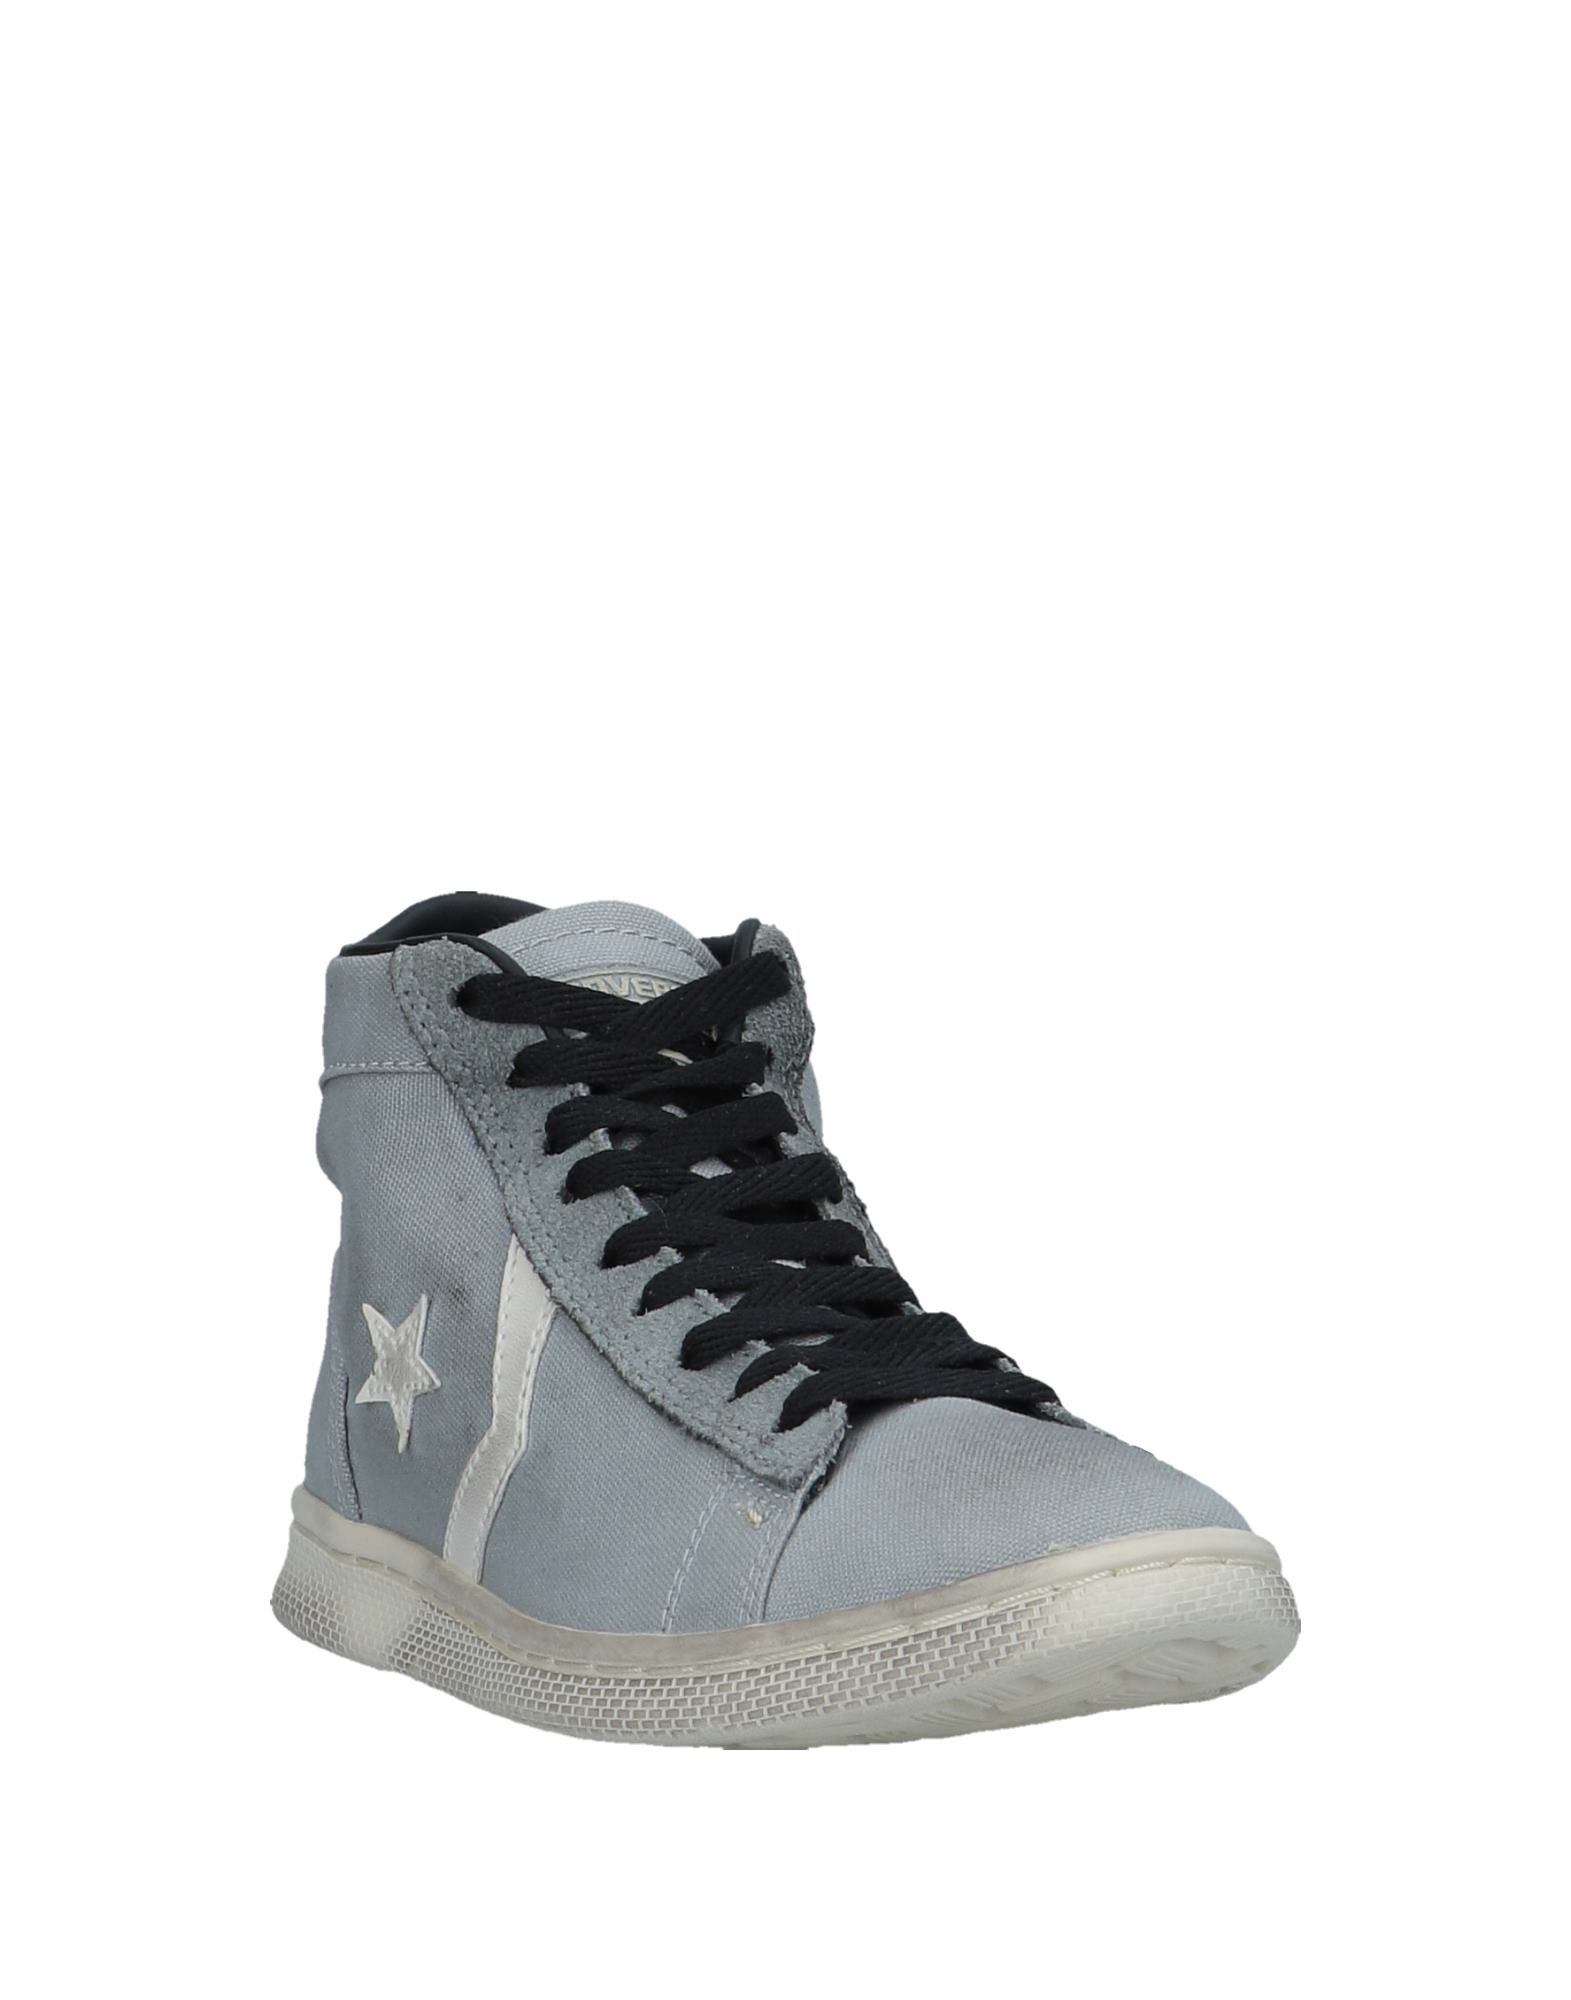 Converse 11509182GH Cons Sneakers Damen  11509182GH Converse Gute Qualität beliebte Schuhe cf4699